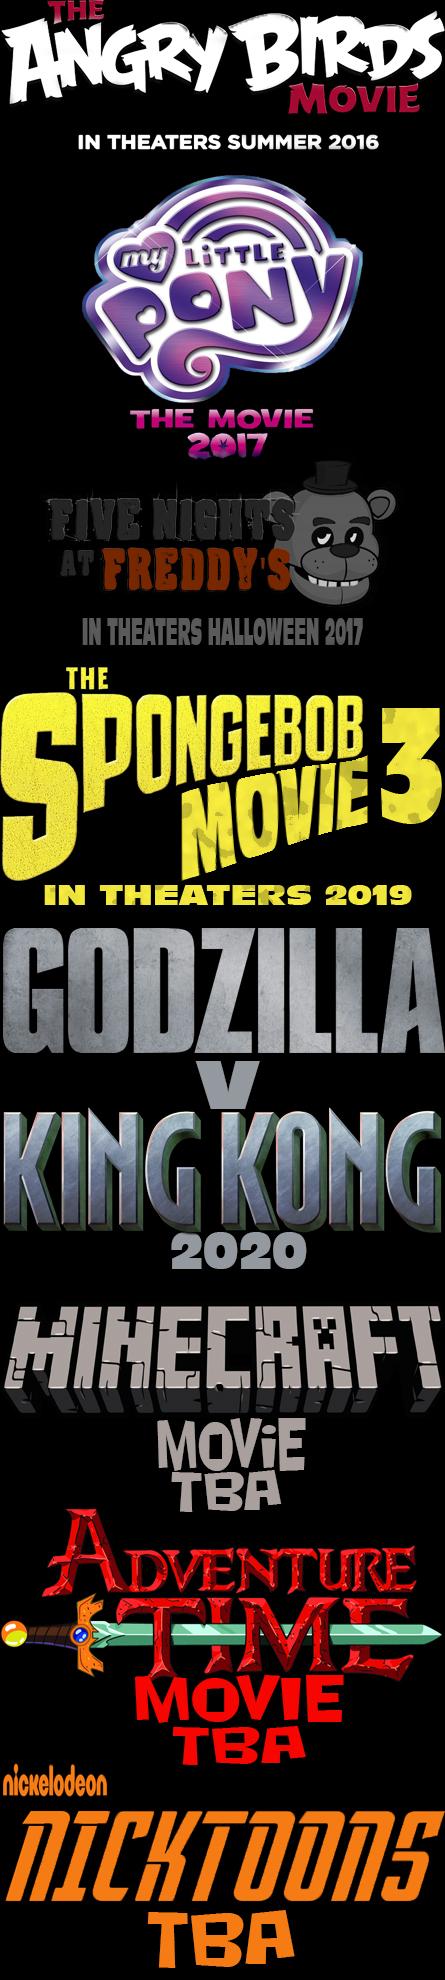 2020 movies